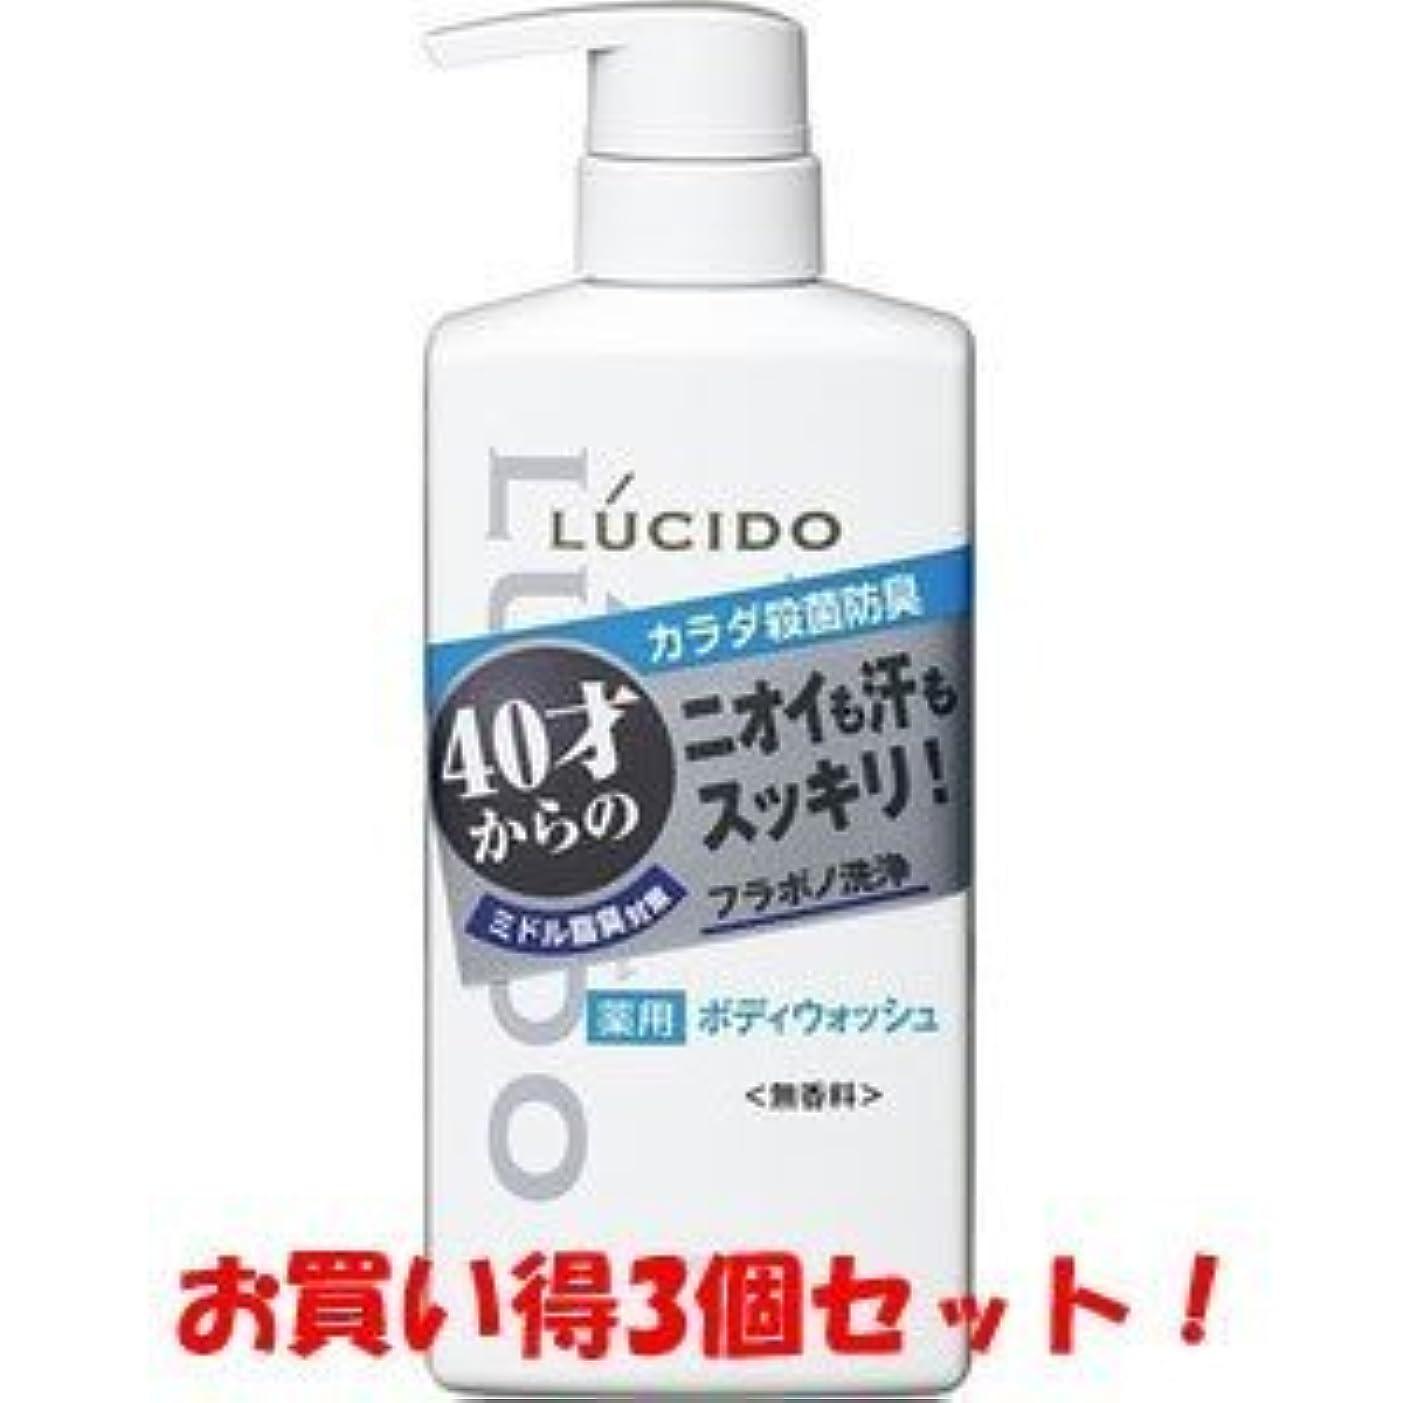 ファントムズボン表面的な【LUCIDO】ルシード 薬用デオドラントボディウォッシュ 450ml(医薬部外品)(お買い得3個セット)